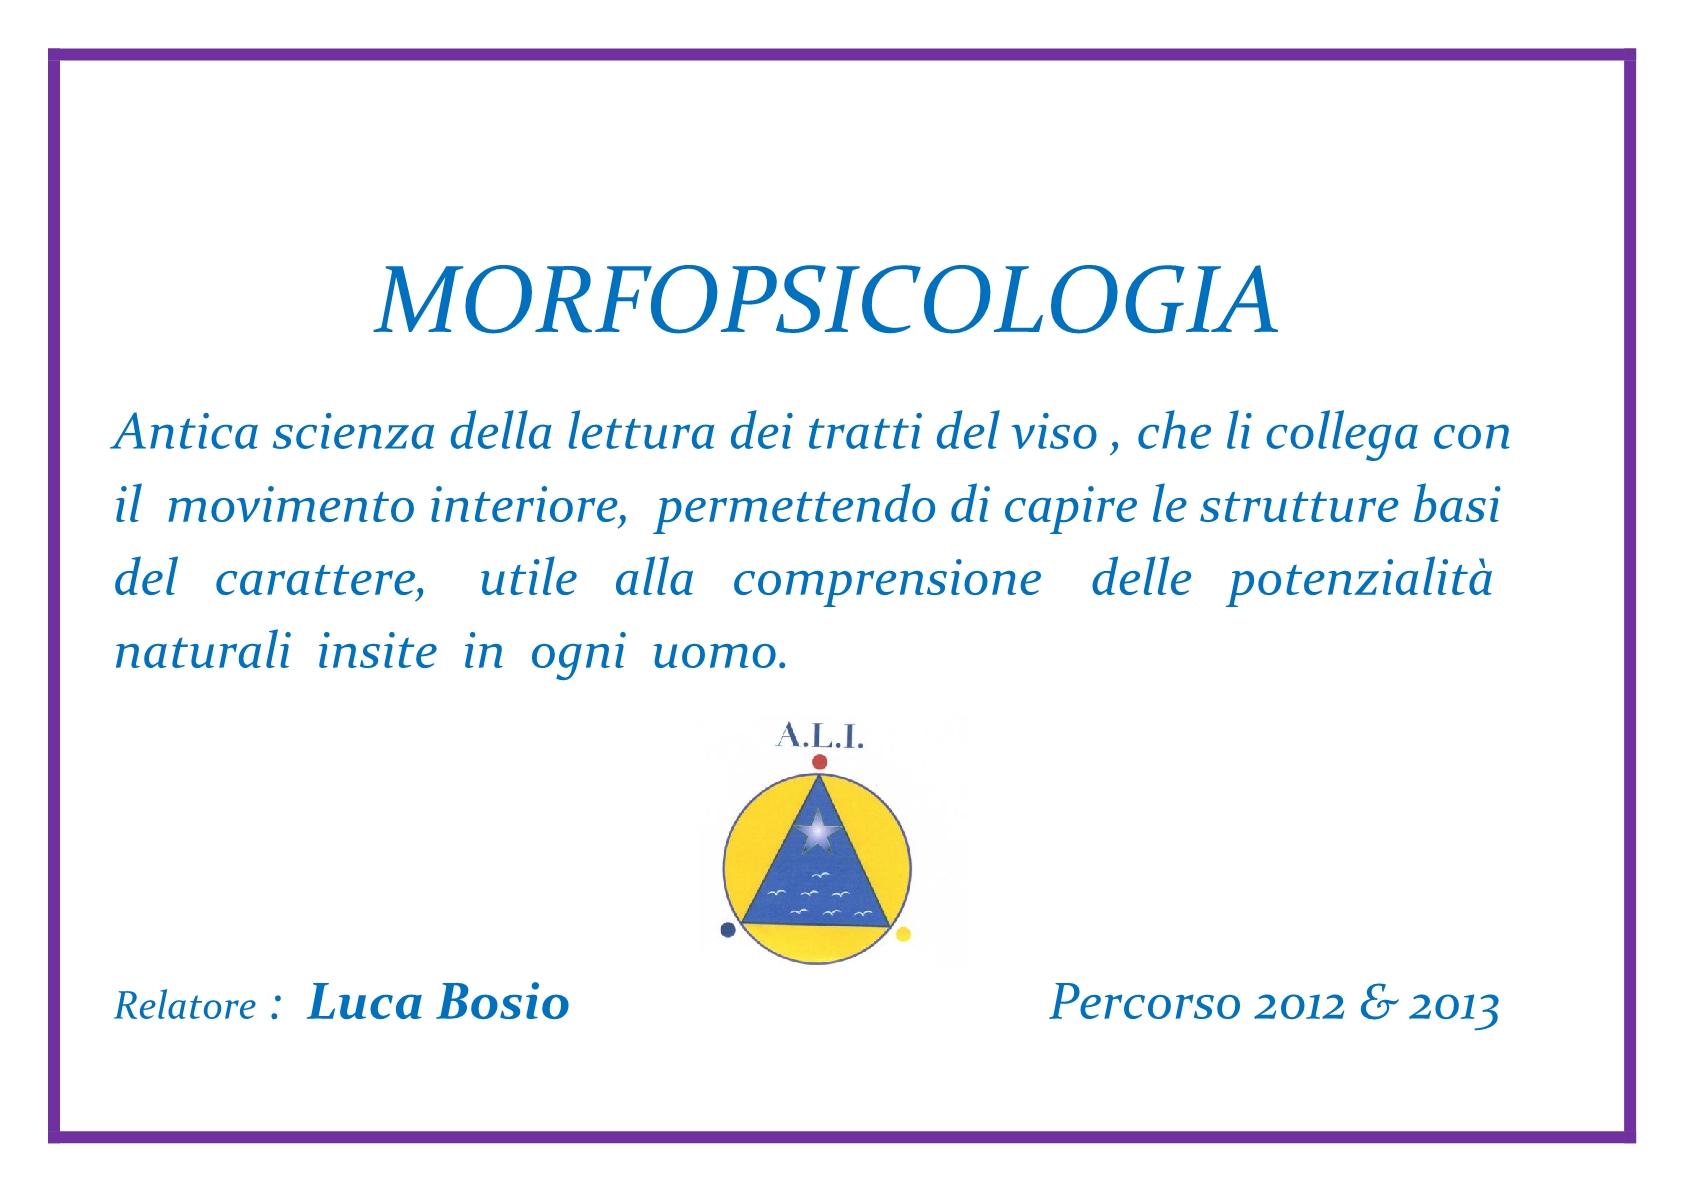 ALI  locandina    - MORFOPSICOLOGIA 2012  20131